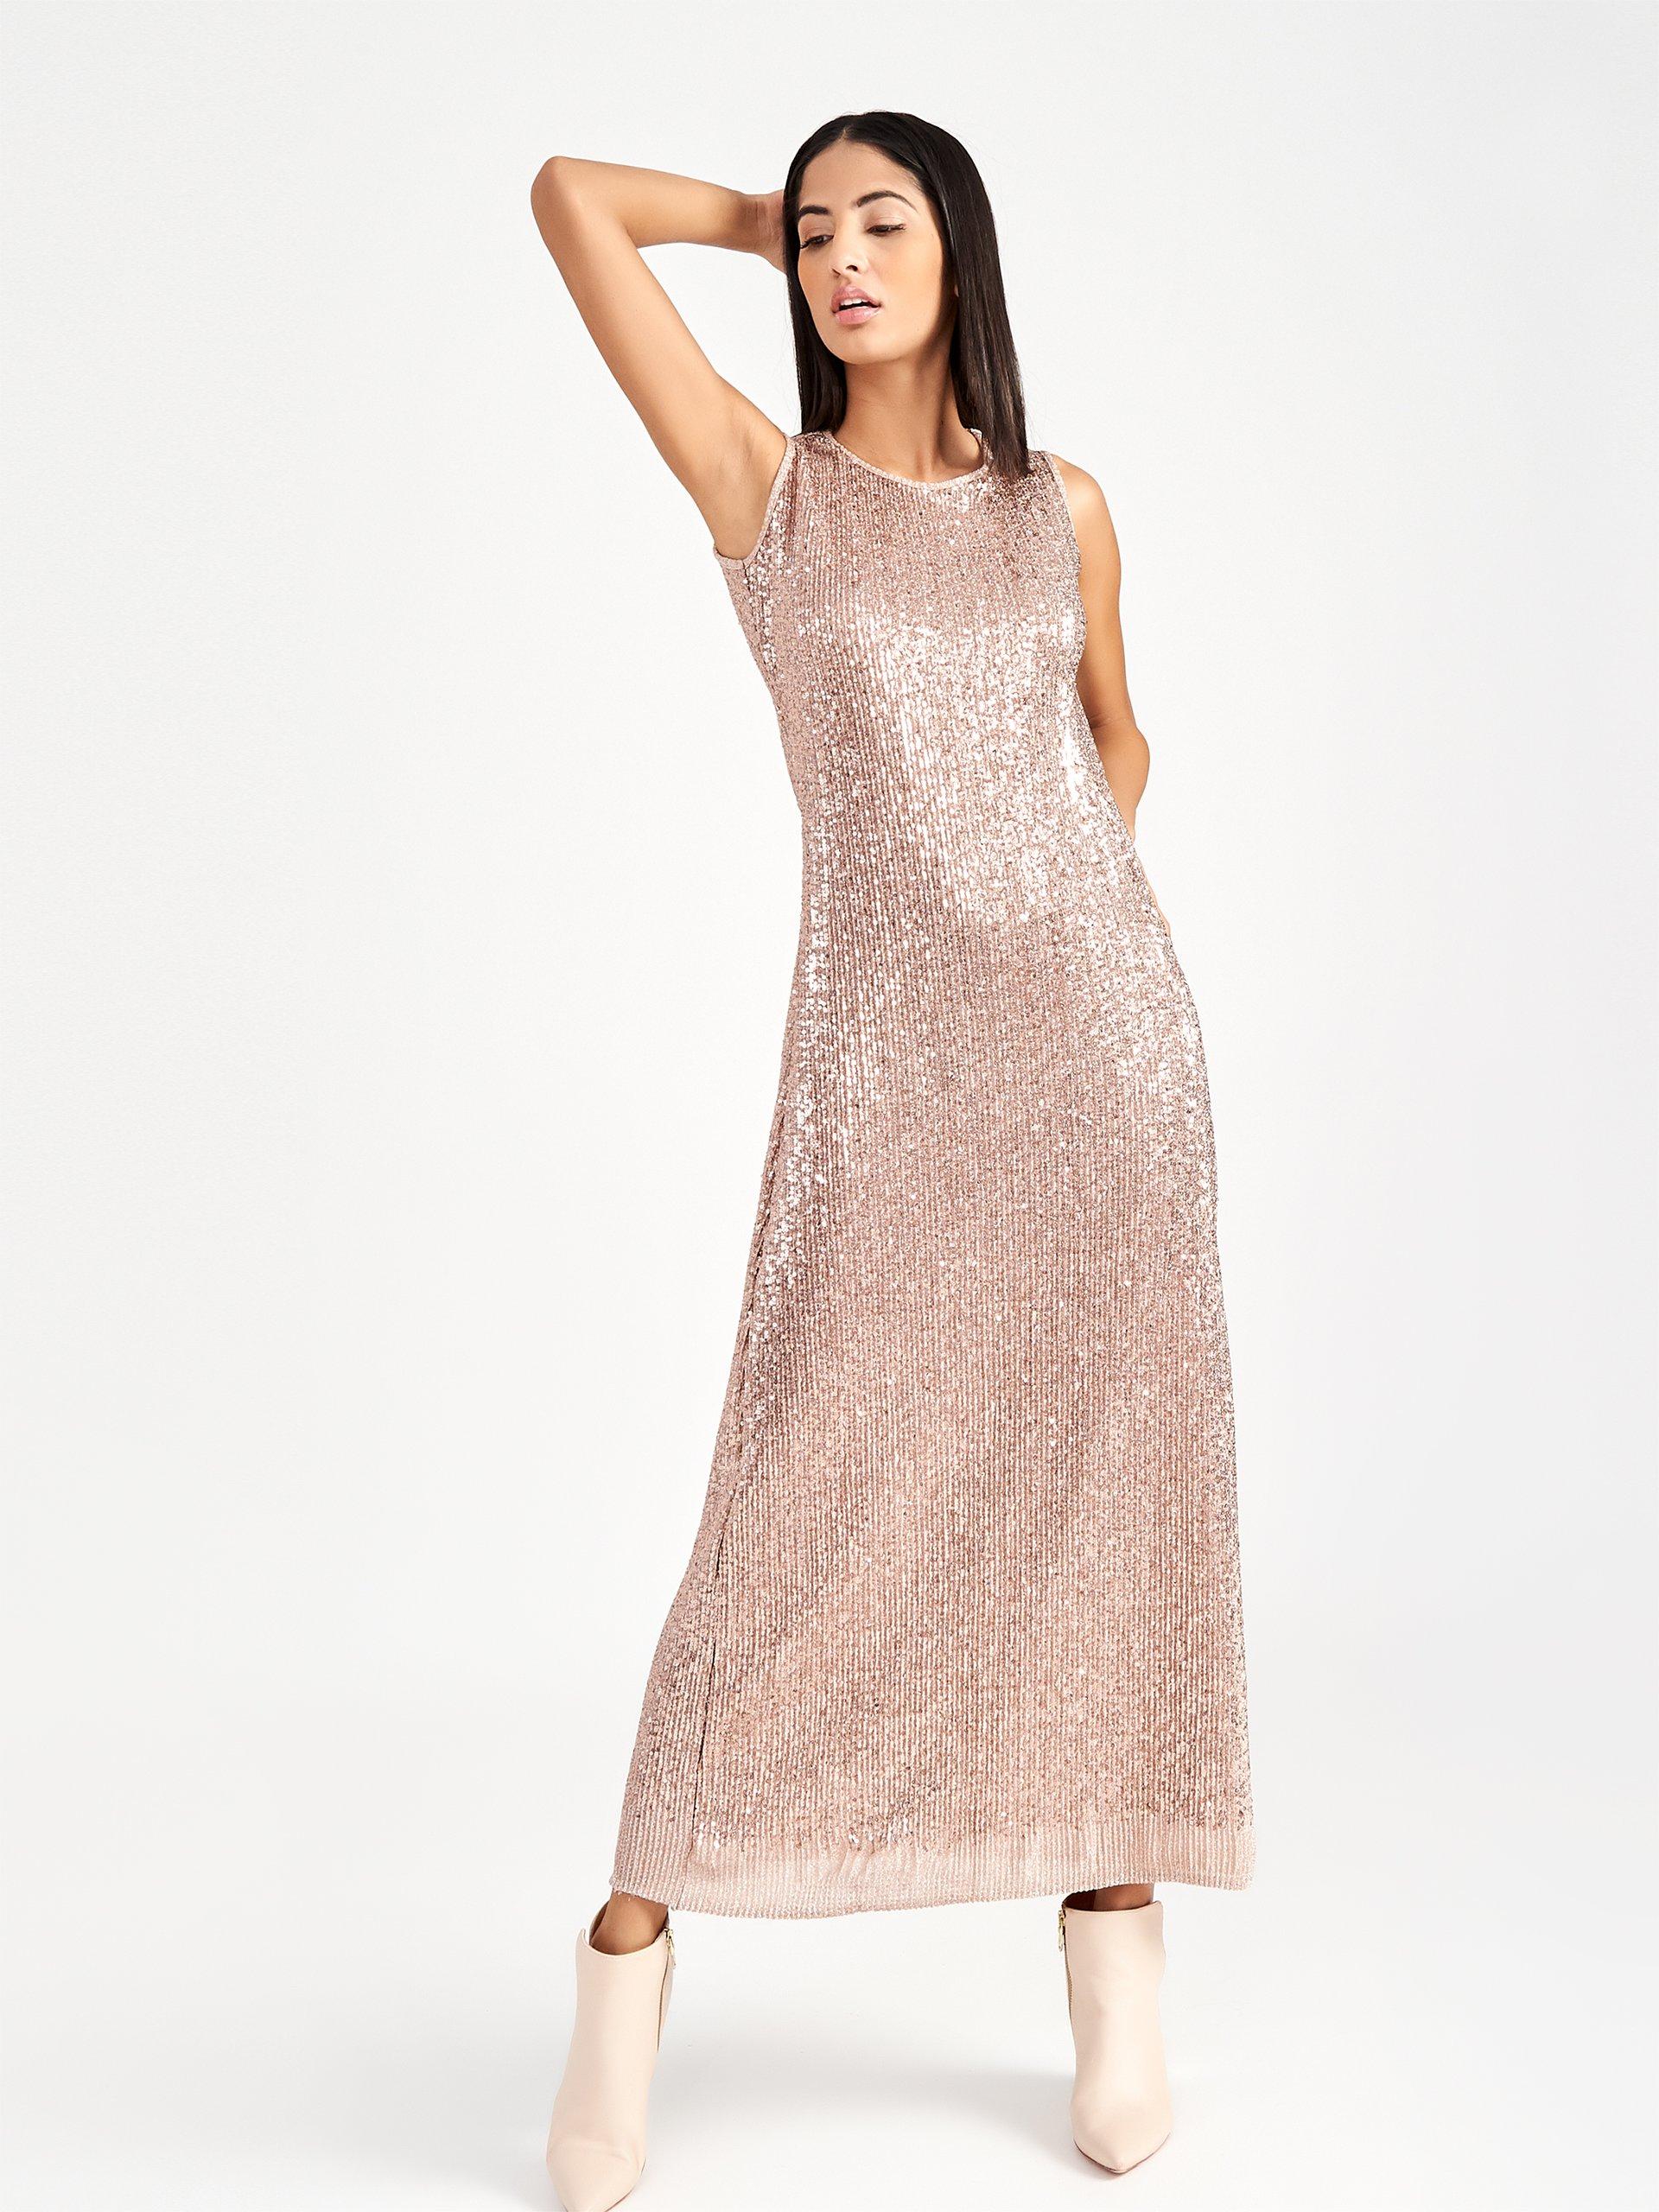 Vestito lungo in paillettes Rinascimento collezione primavera estate 2019 prezzo 109 euro